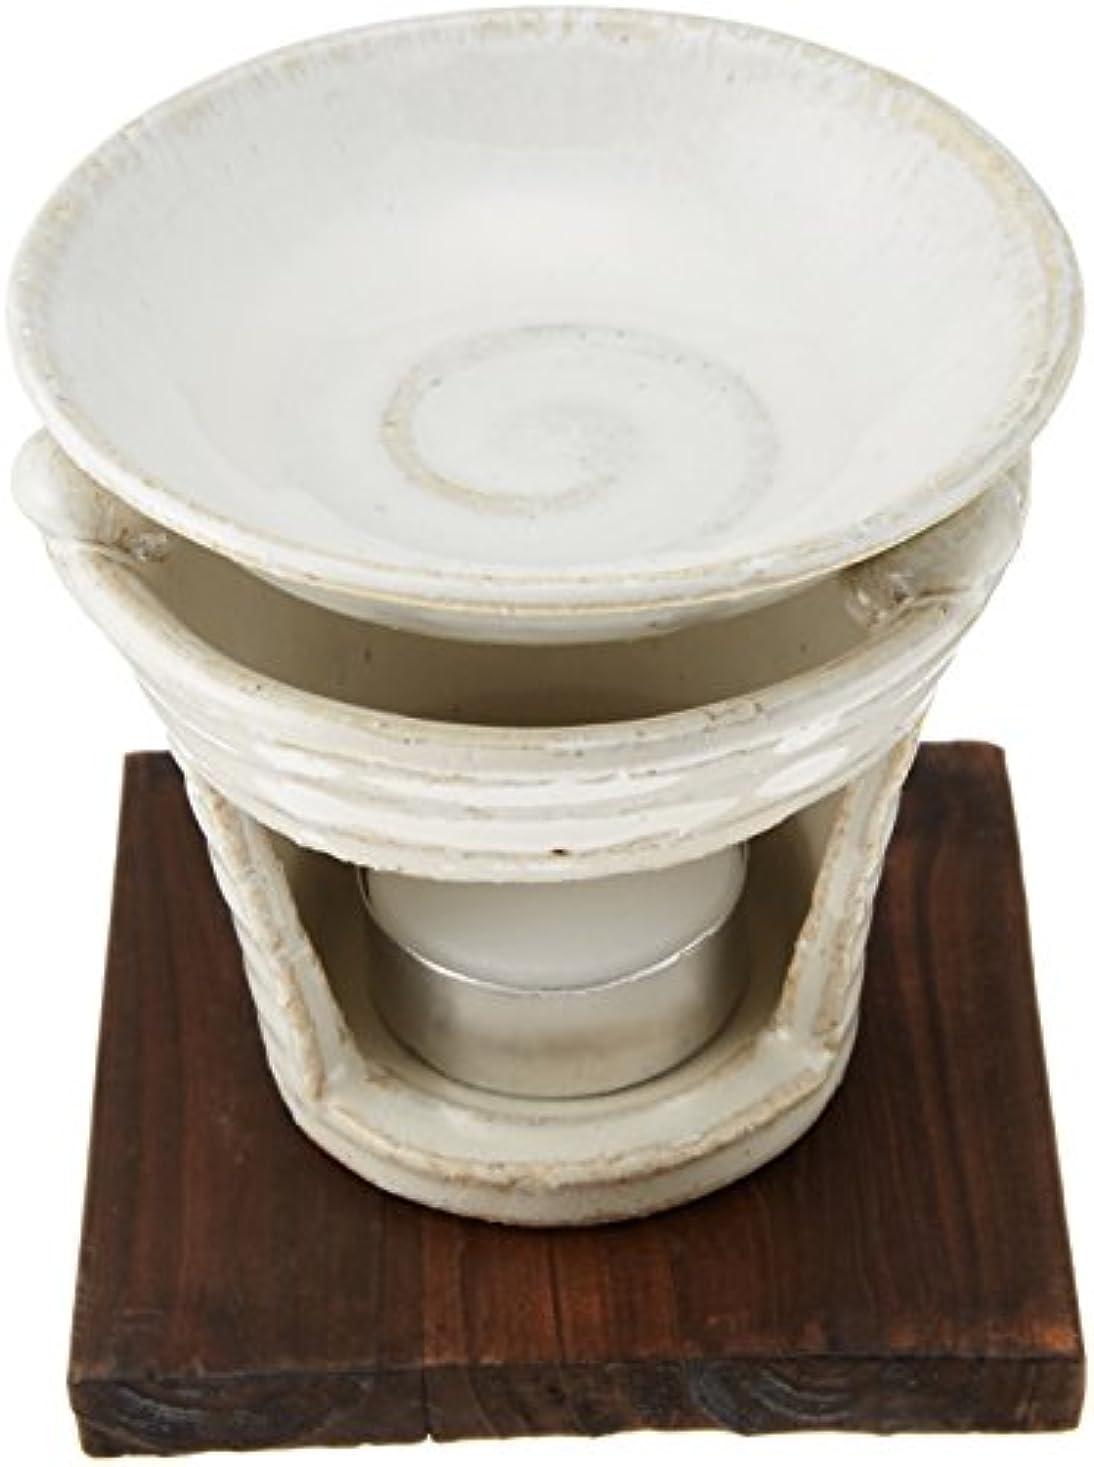 冒険家誇りに思う配列香炉 茶香炉 白萩 [H10cm] プレゼント ギフト 和食器 かわいい インテリア